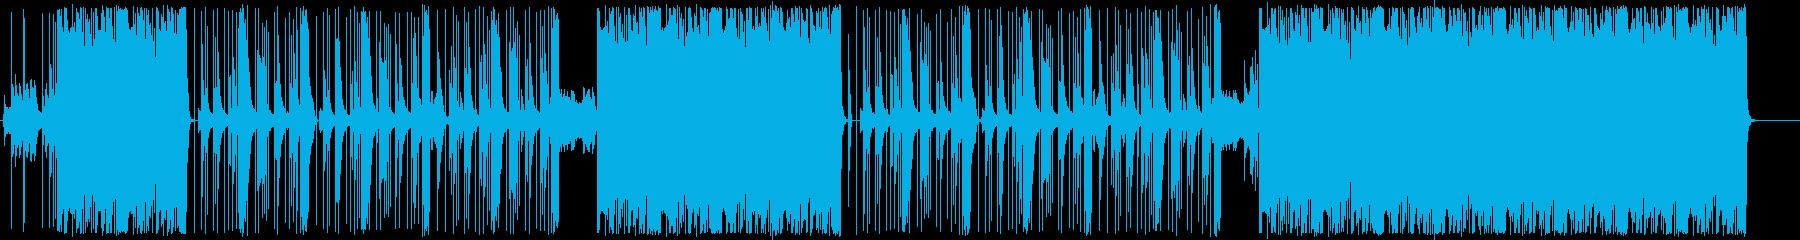 トラップ/808/ロングバス/#3の再生済みの波形